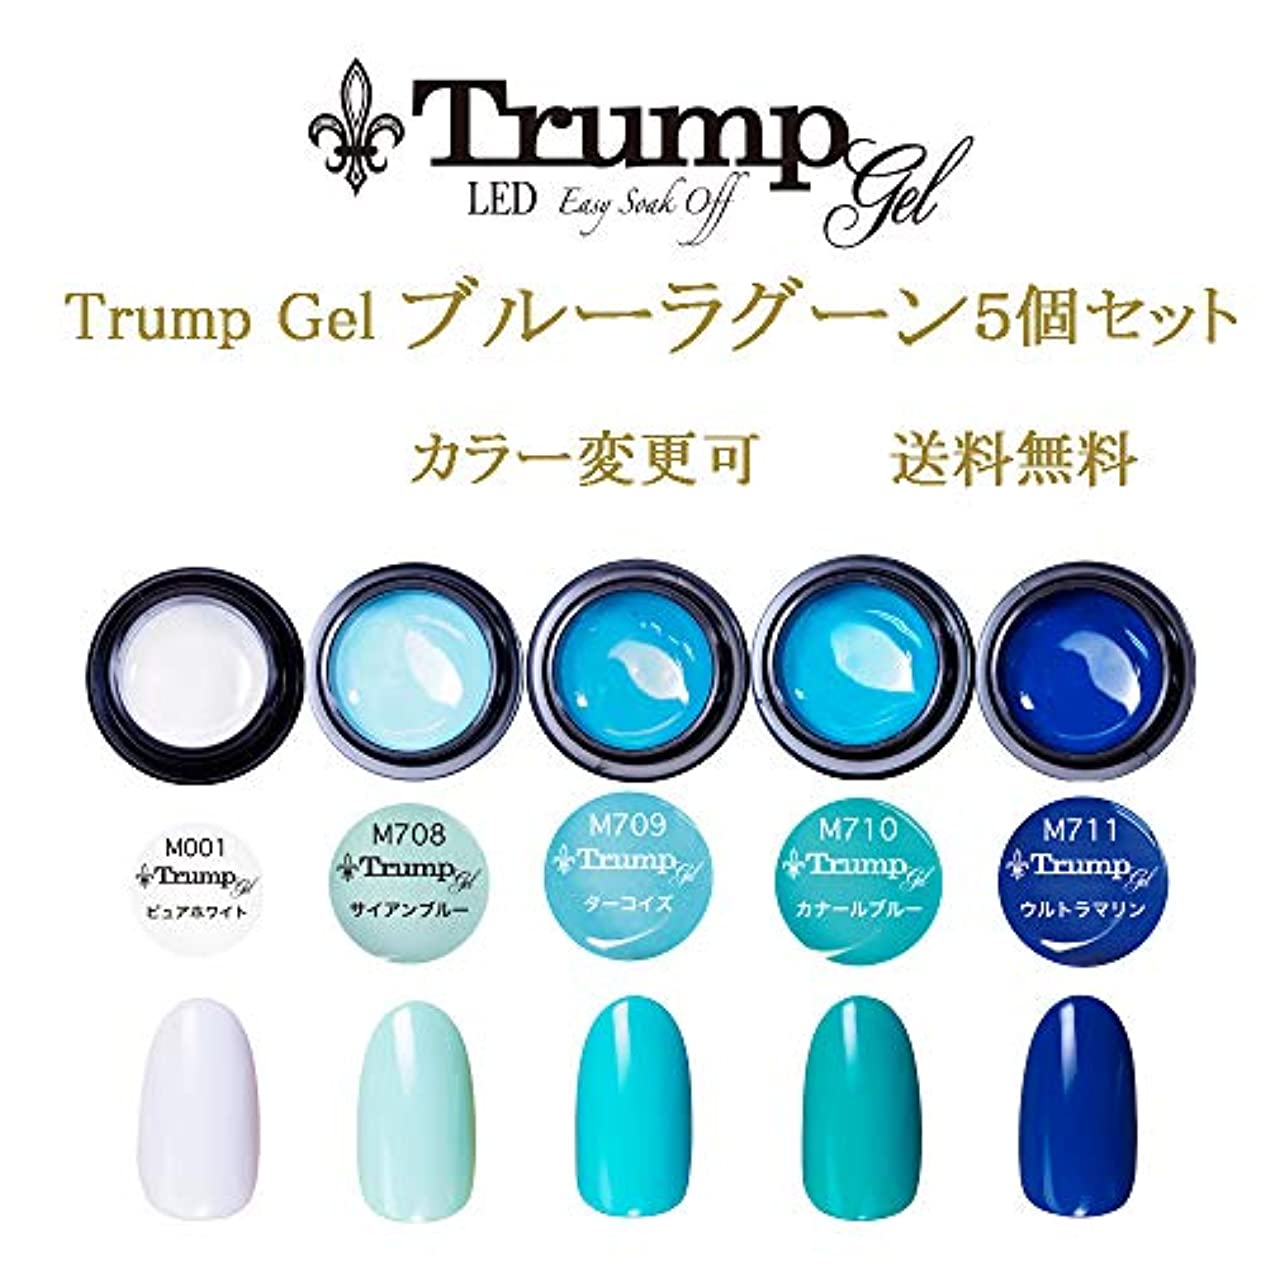 誇張アマチュアオーストラリア人日本製 Trump gel トランプジェル ブルーラグーン カラー 選べる カラージェル 5個セット ブルー ターコイズ ホワイト